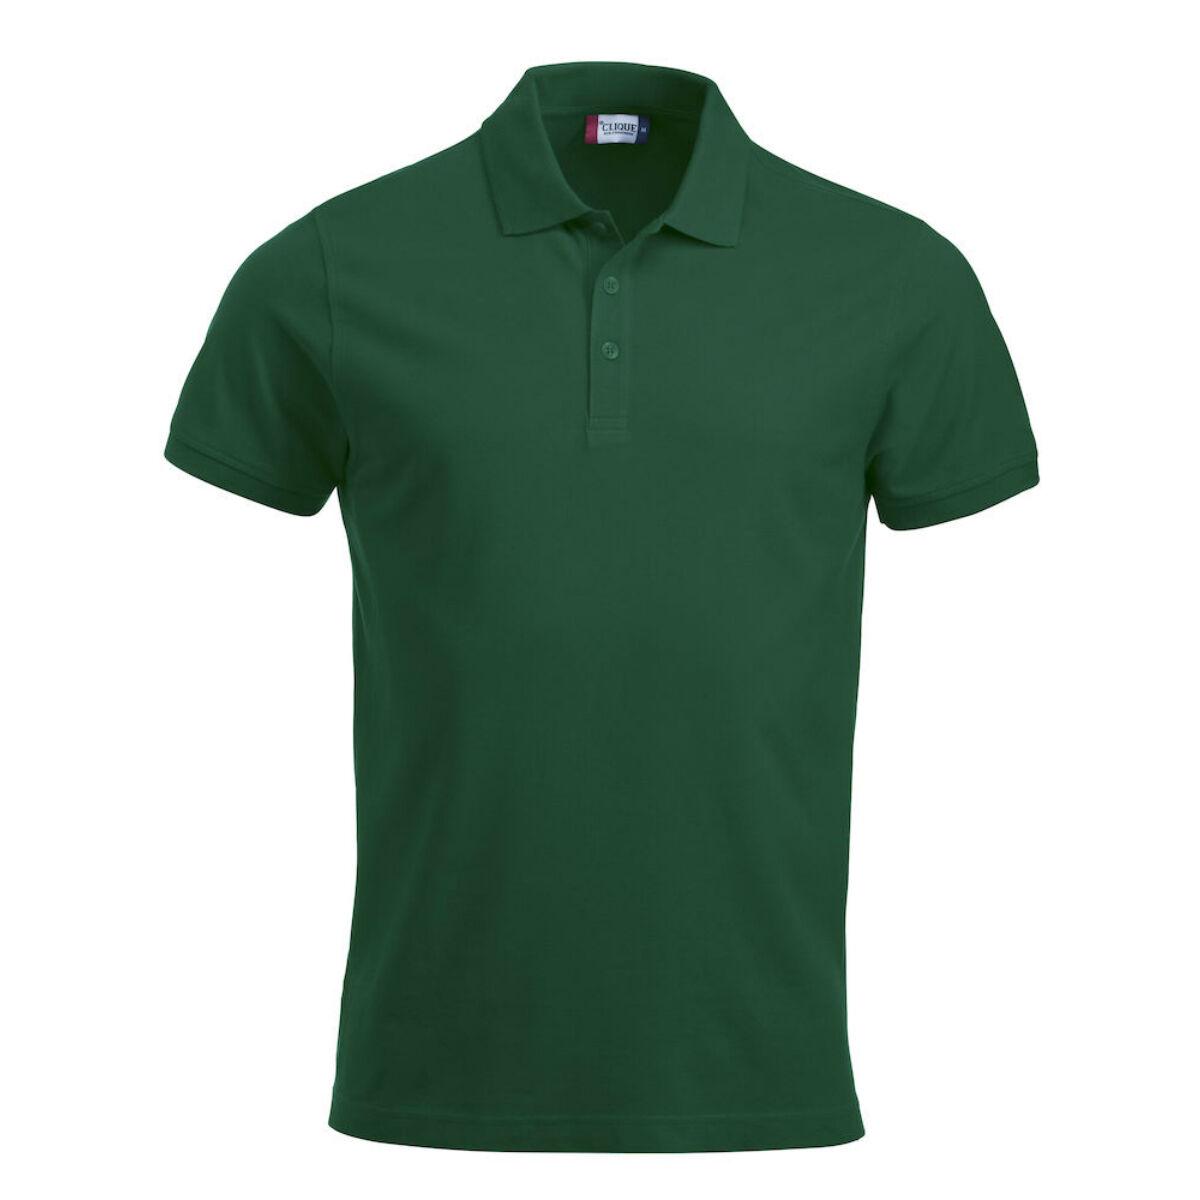 Unisex Clique Classic Polo Shirt (Men's Bottle Green )